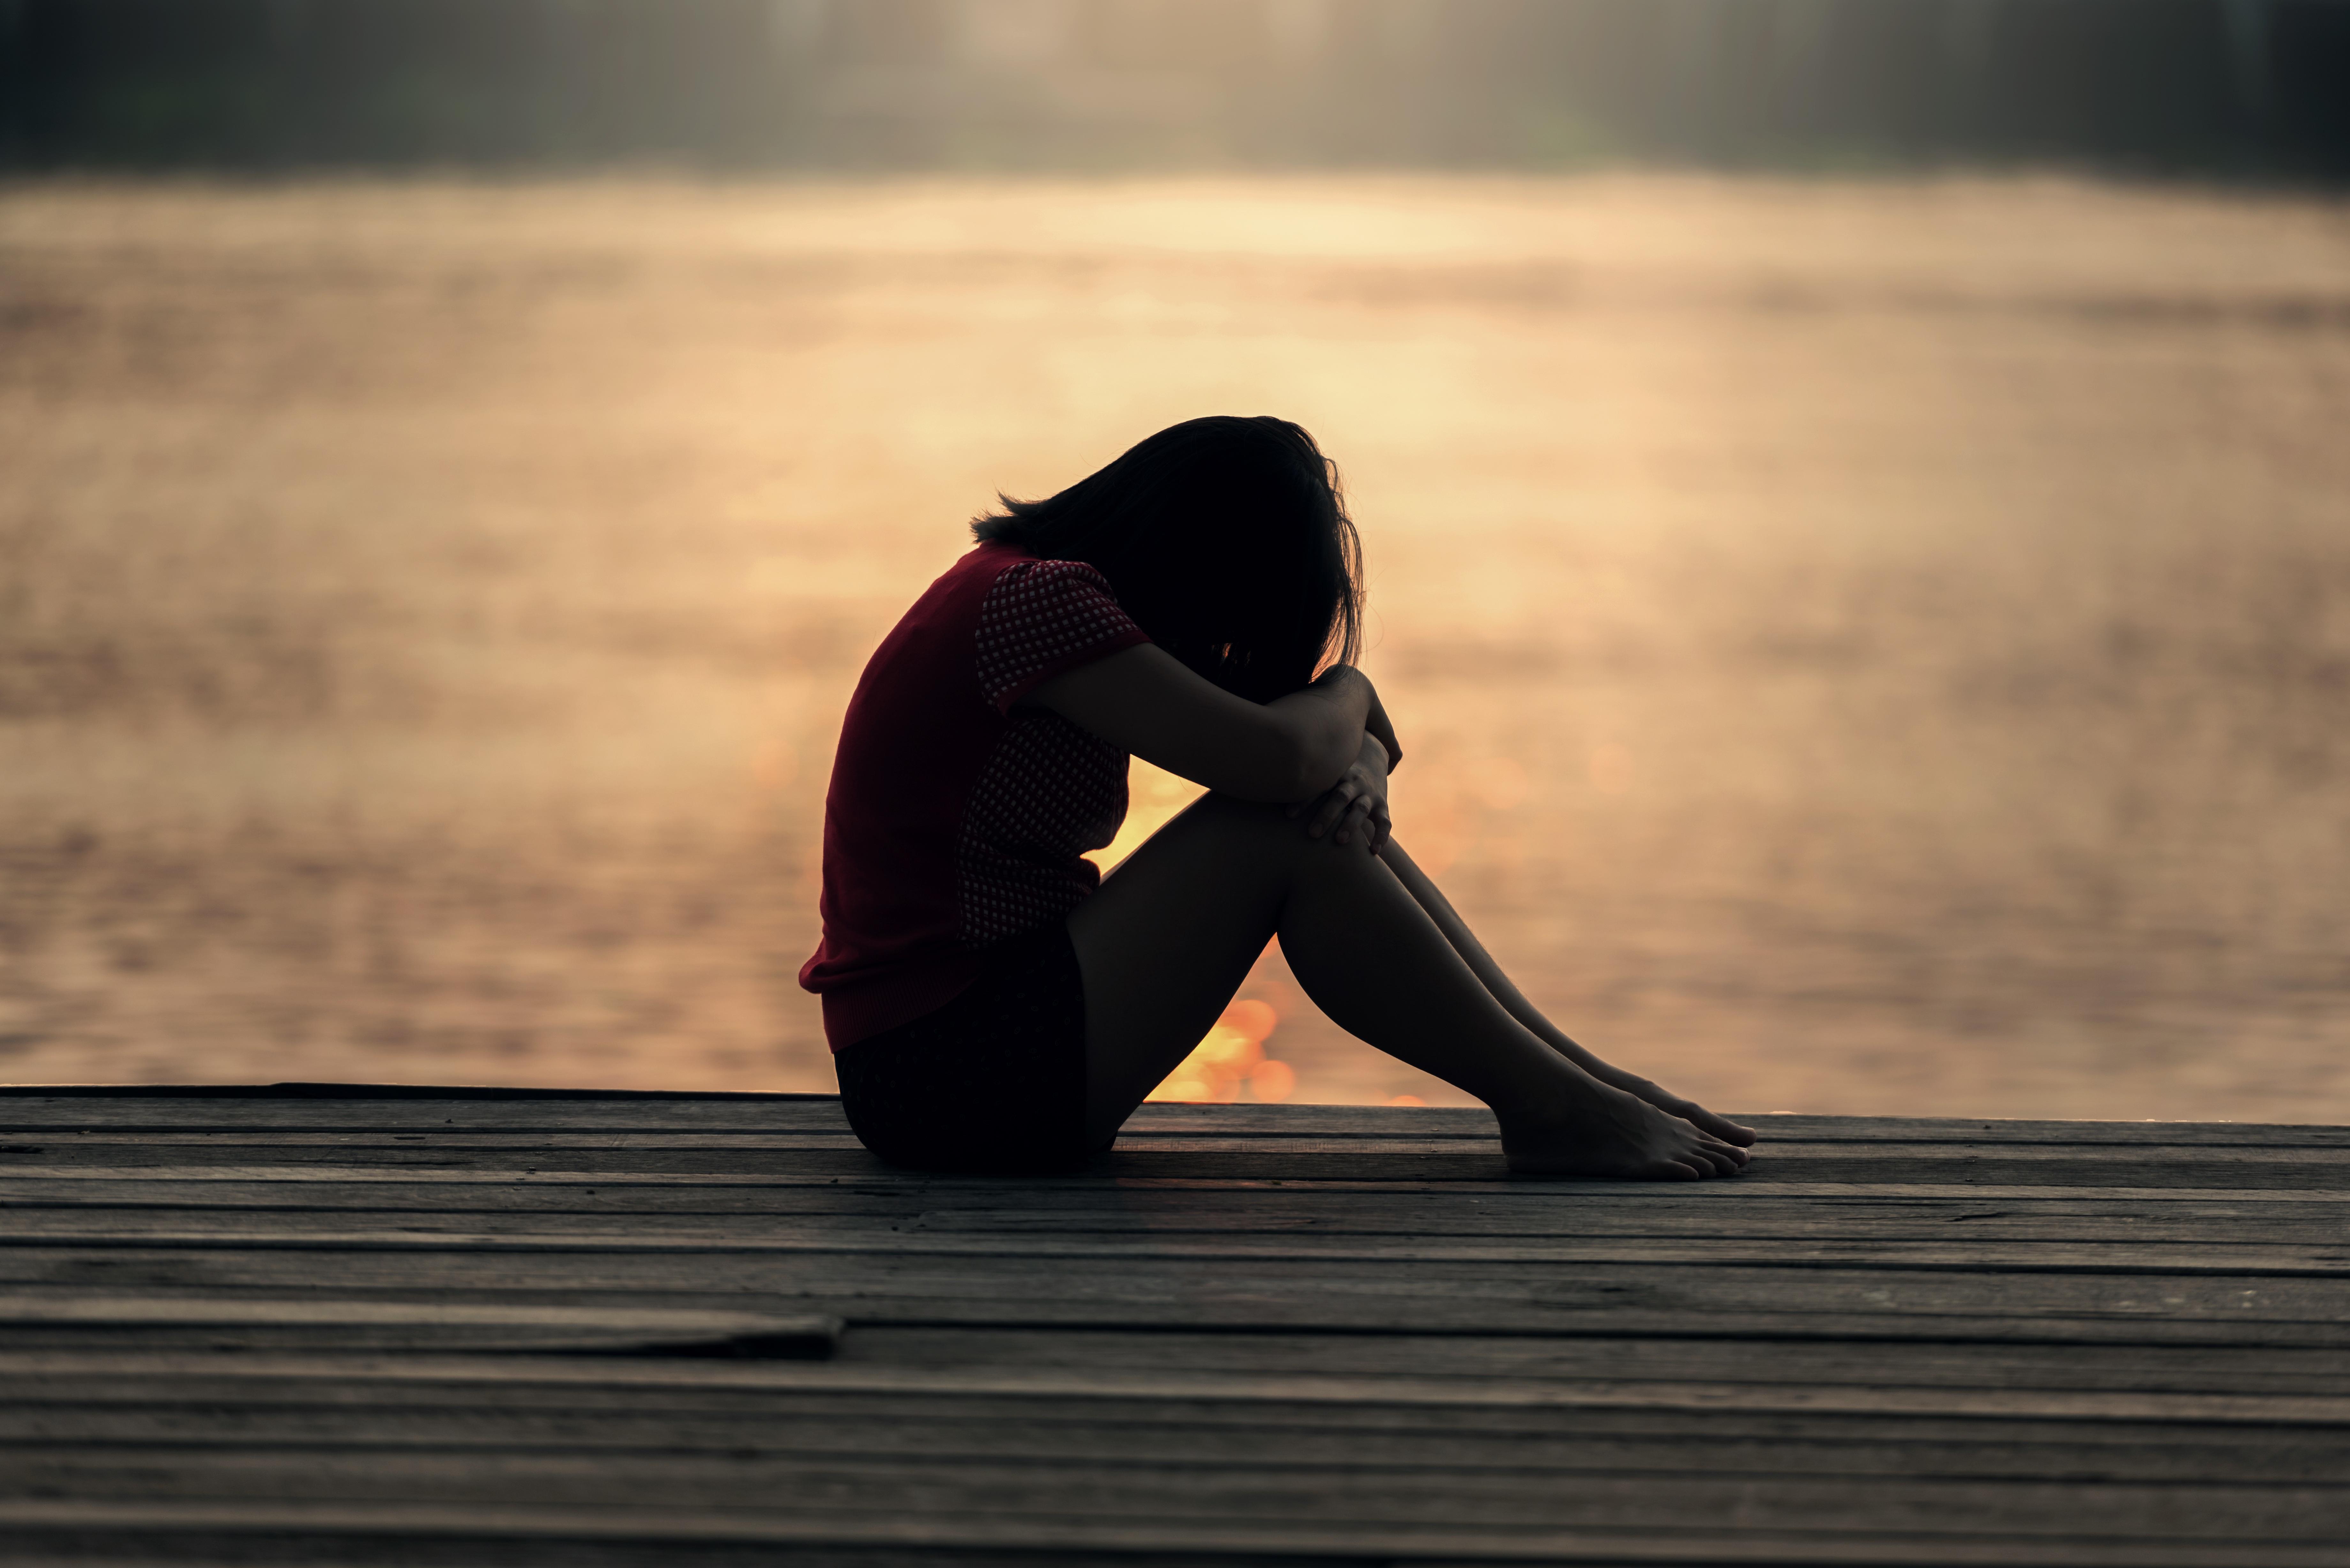 скина красивые картинки с болью спокойный